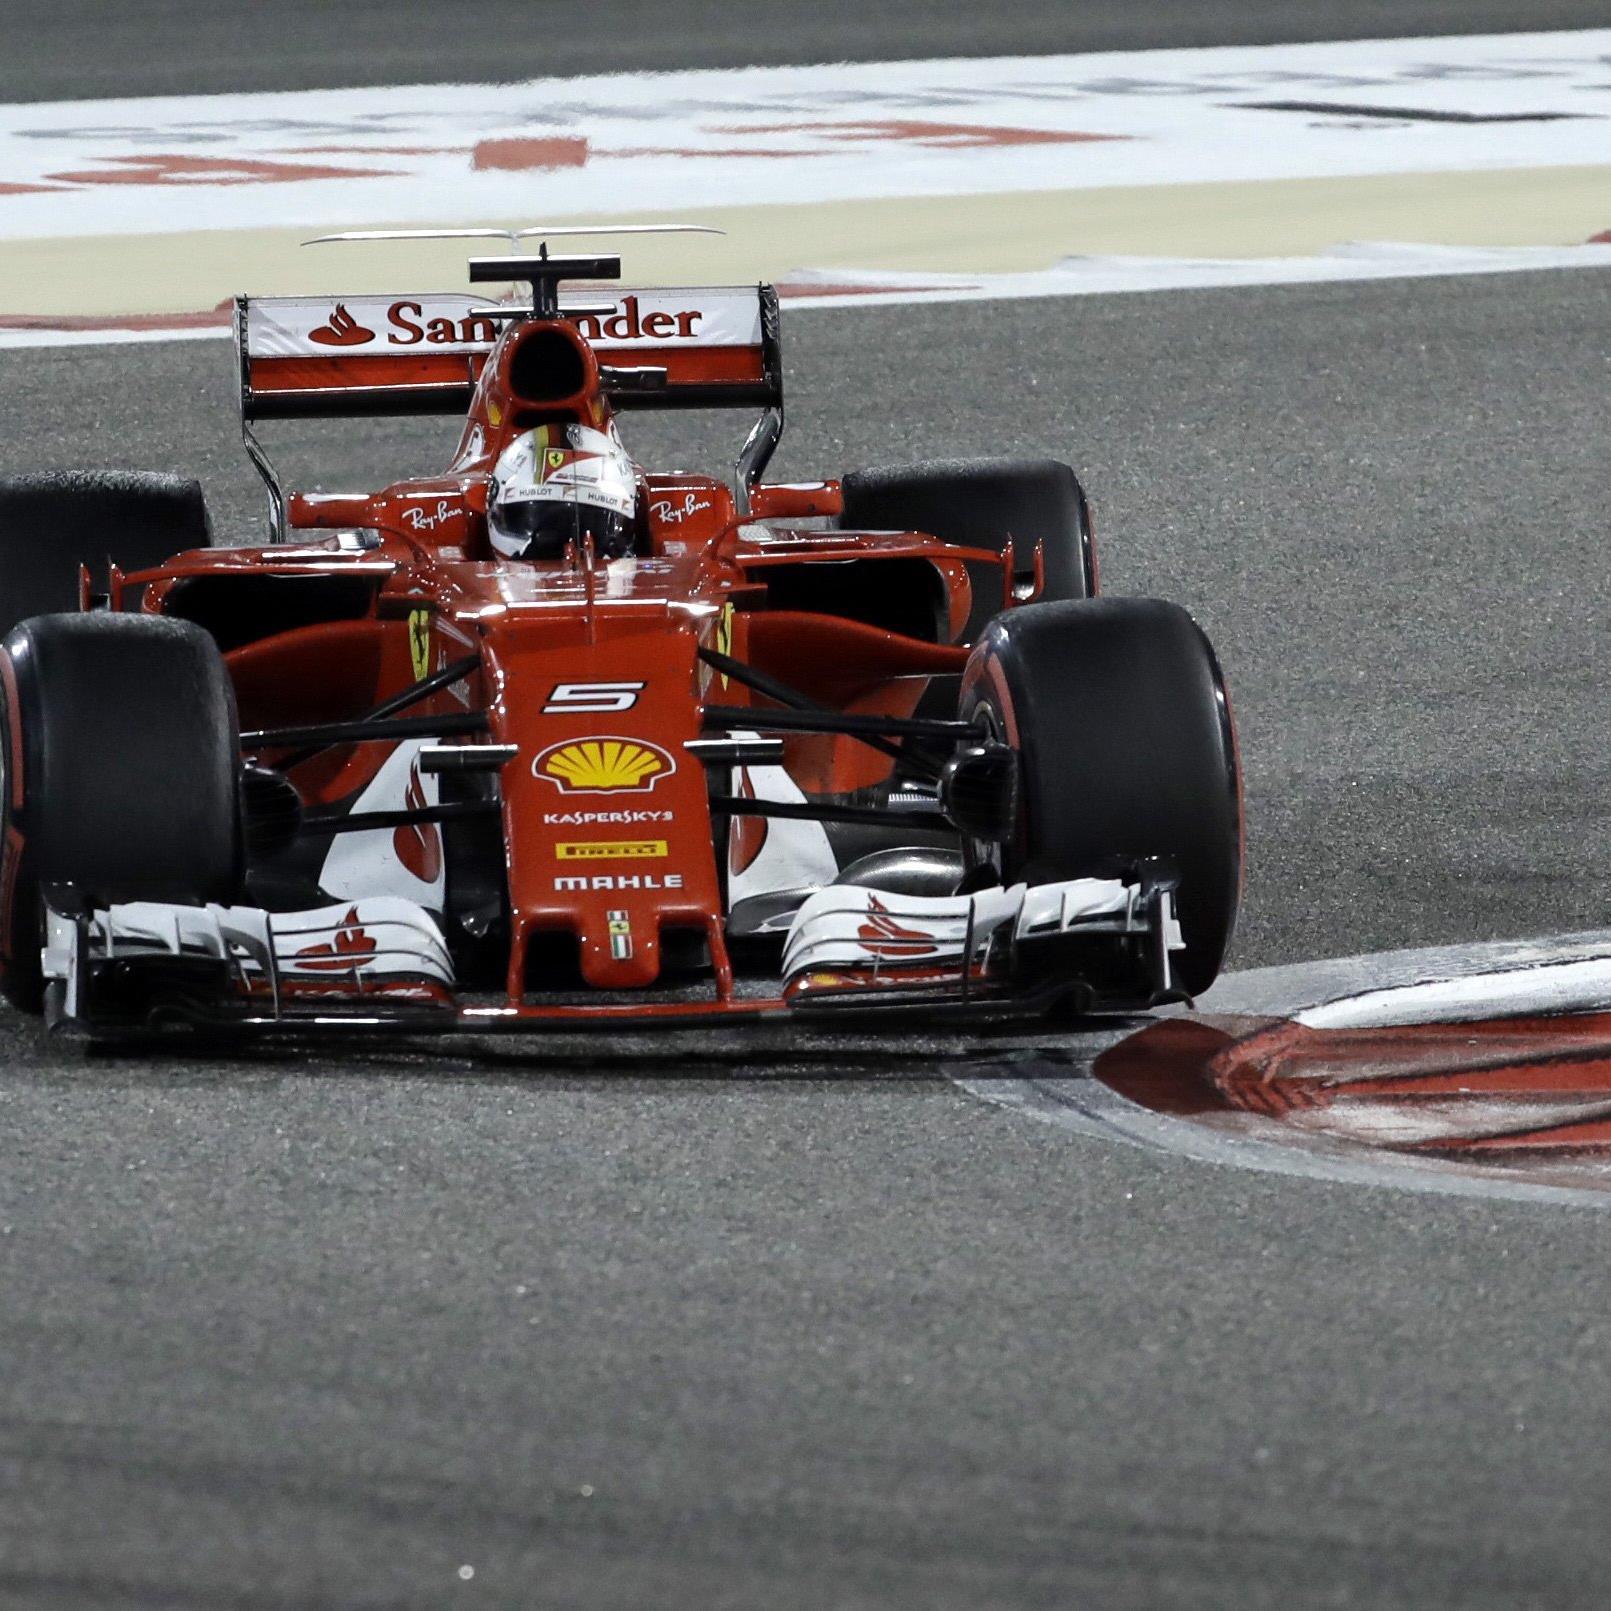 Sebastian Vettel holte sich souverän den Sieg beim GP von Bahrain.